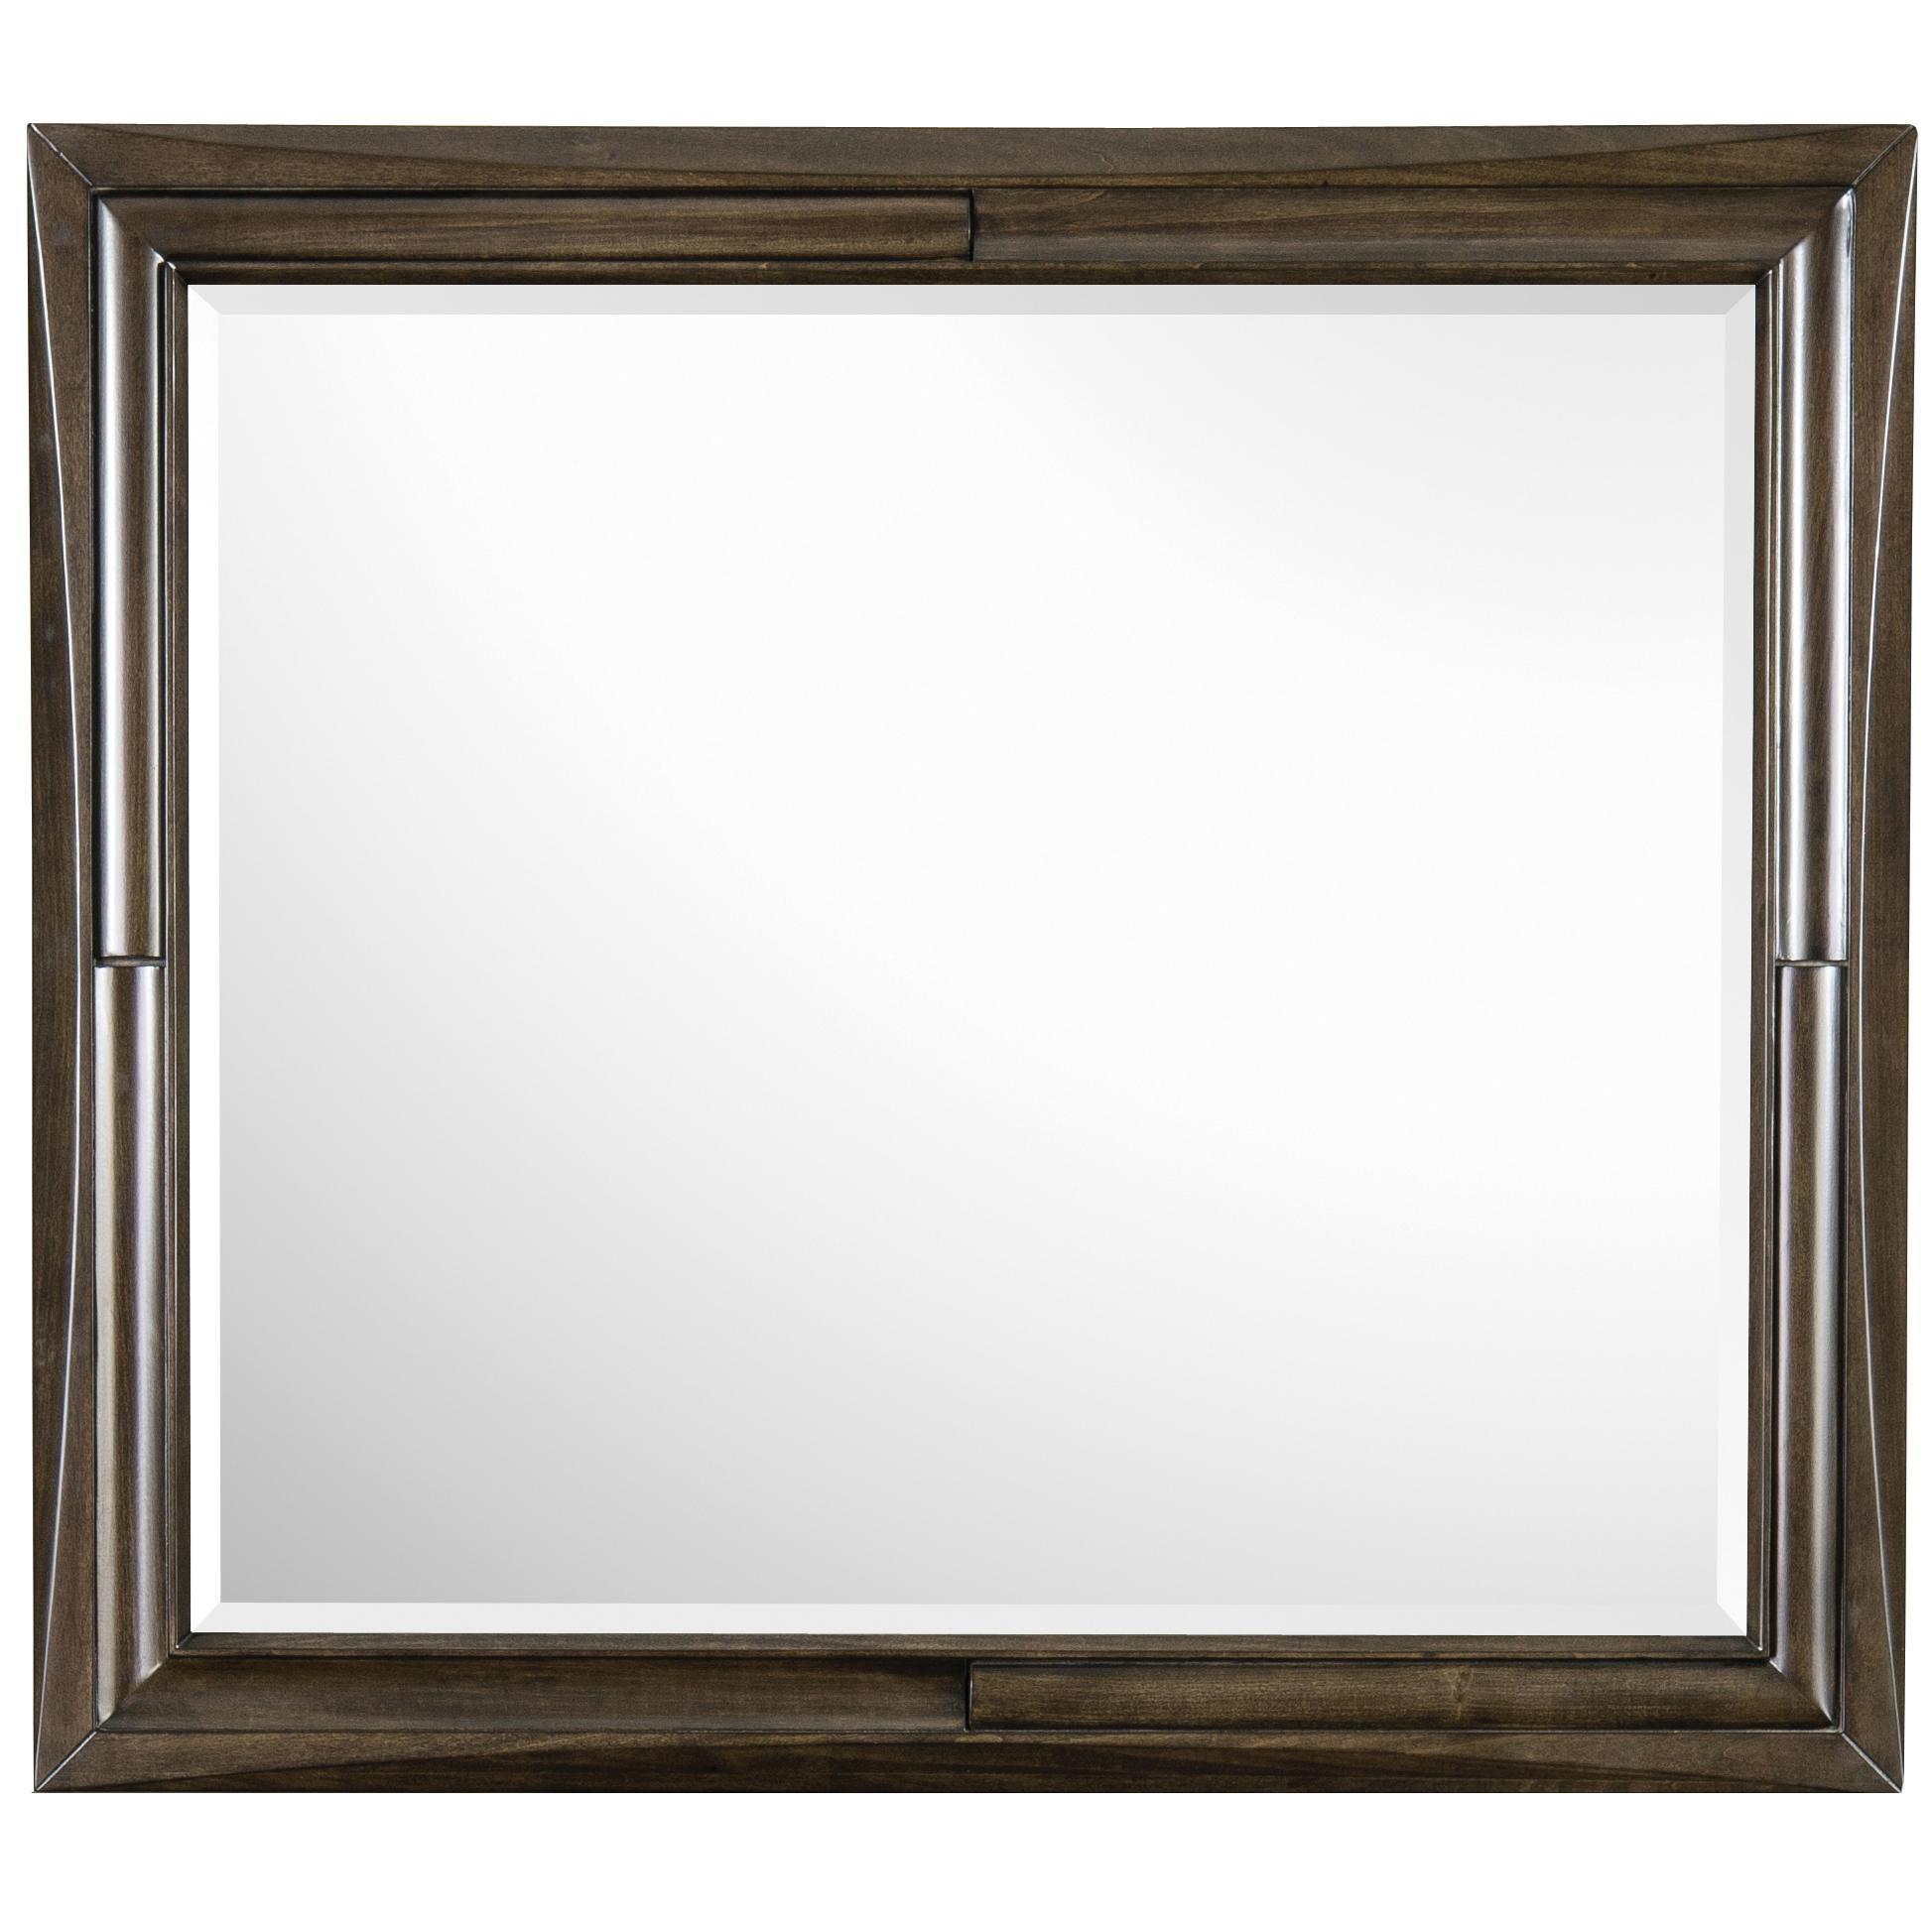 Magnussen Home Noma Landscape Mirror - Item Number: B2640-40